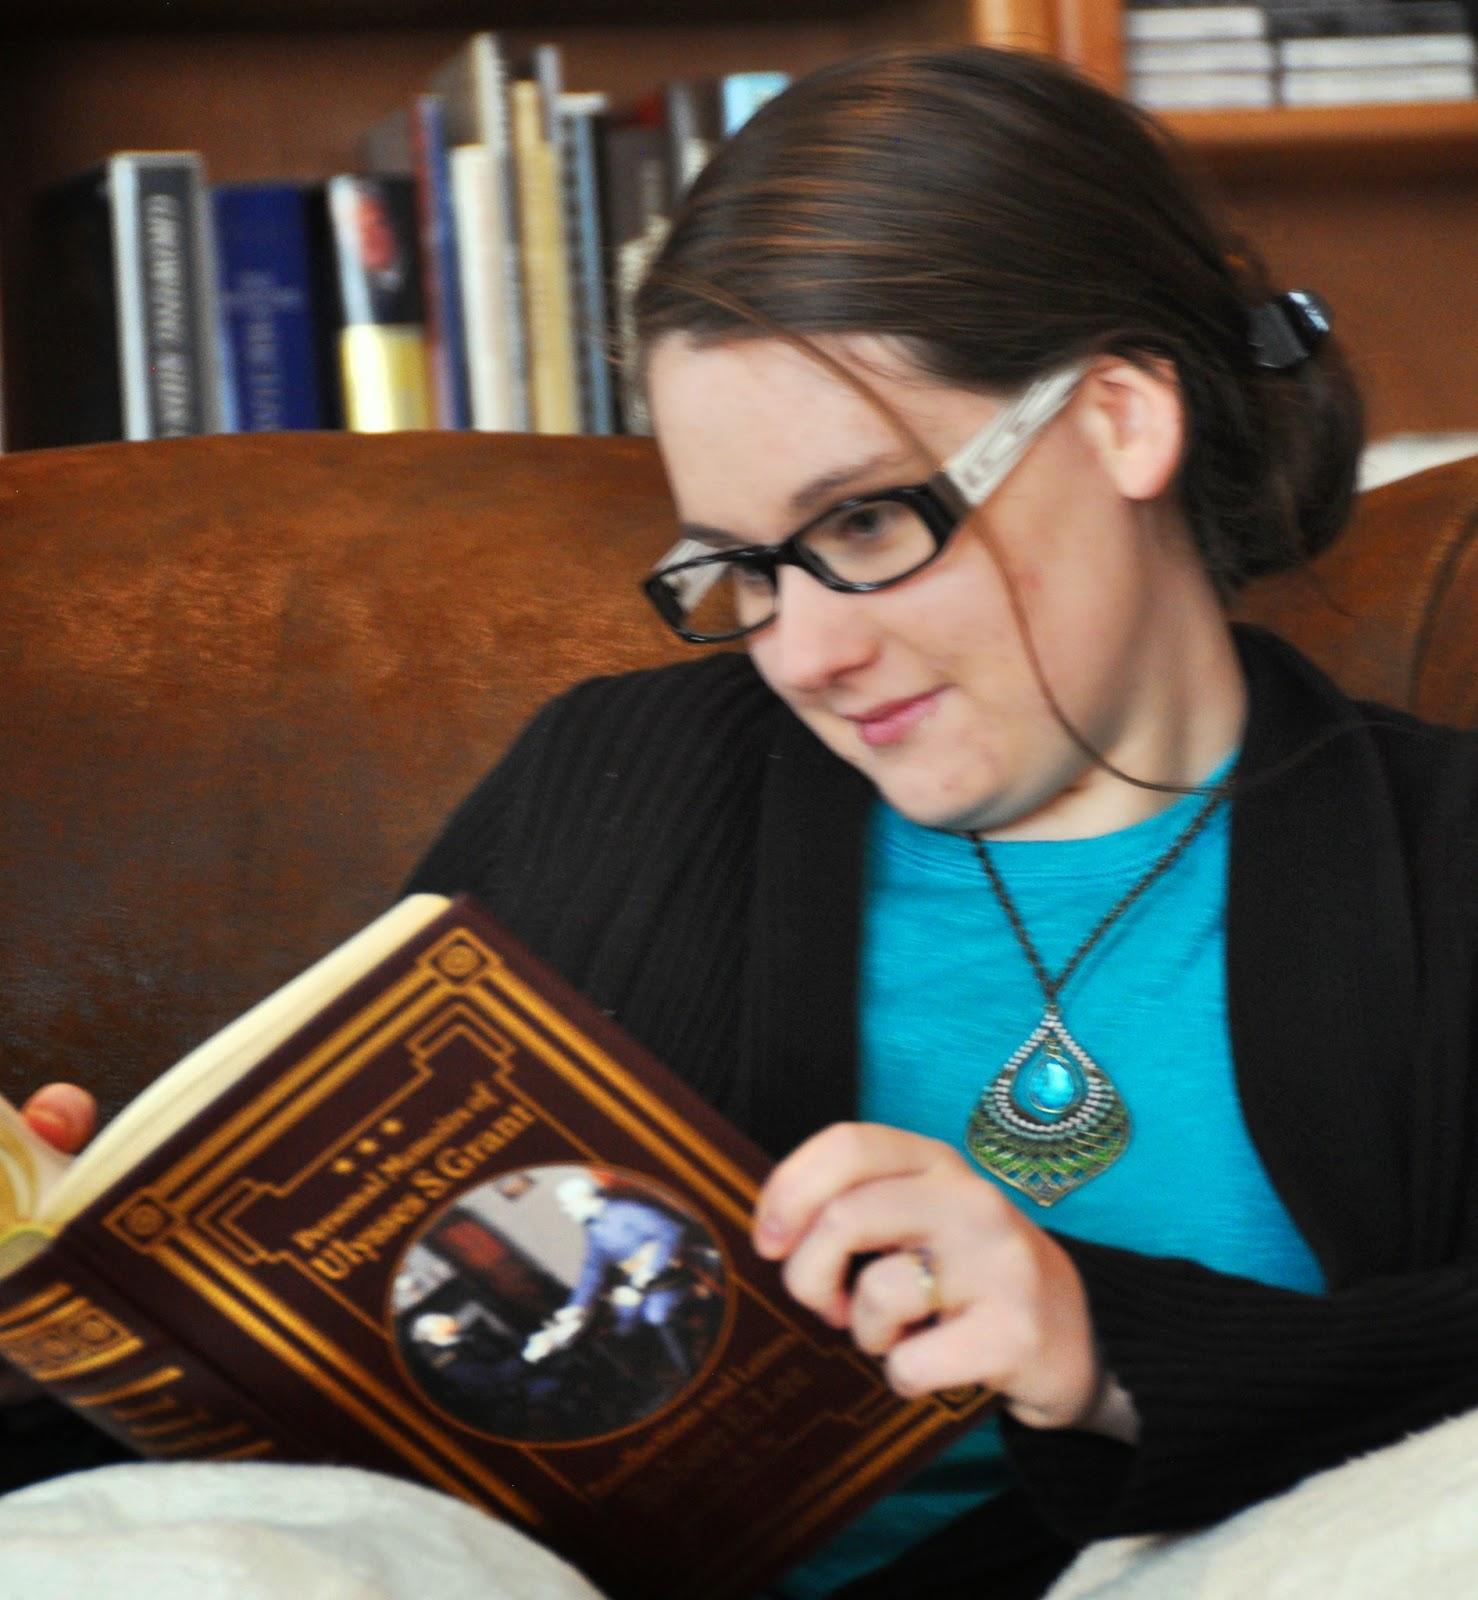 Amber Schamel, Bringing HIStory to Life